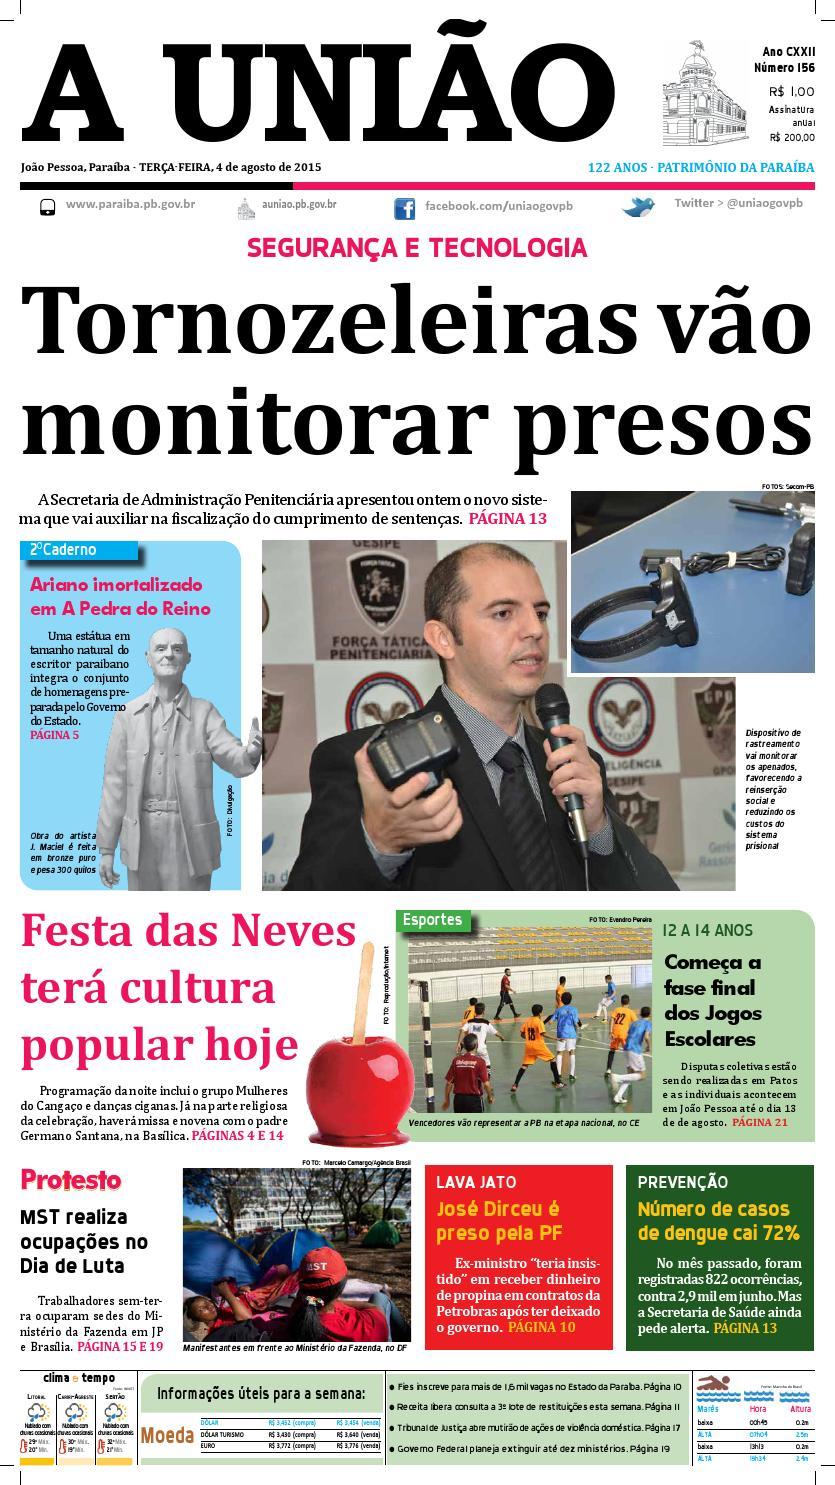 Jornal A União - 04 08 2015 by Jornal A União - issuu d7d5c54e0ca34